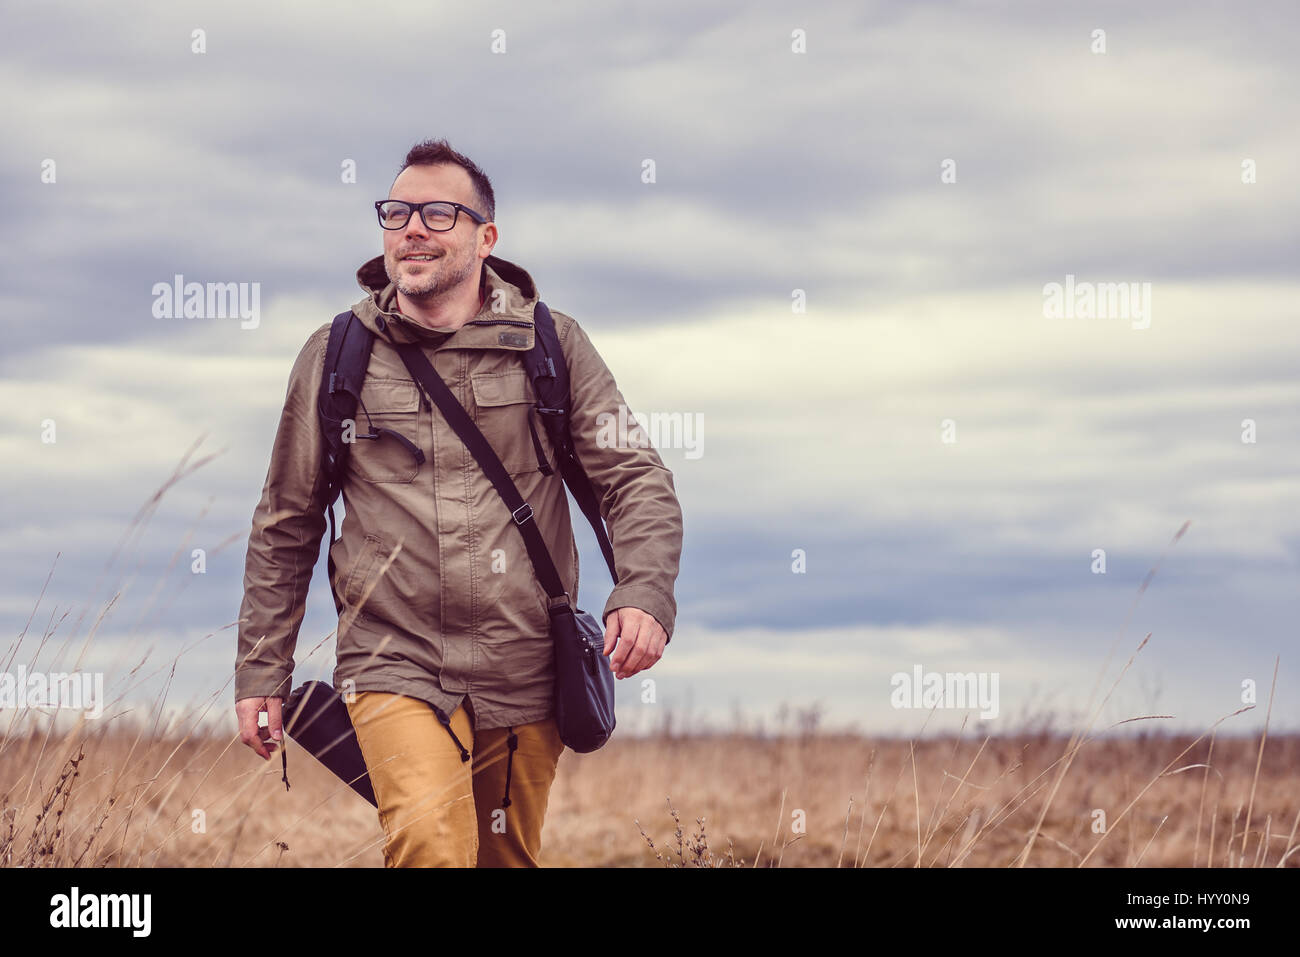 Caminante caminando en pastizales en un día nublado Imagen De Stock